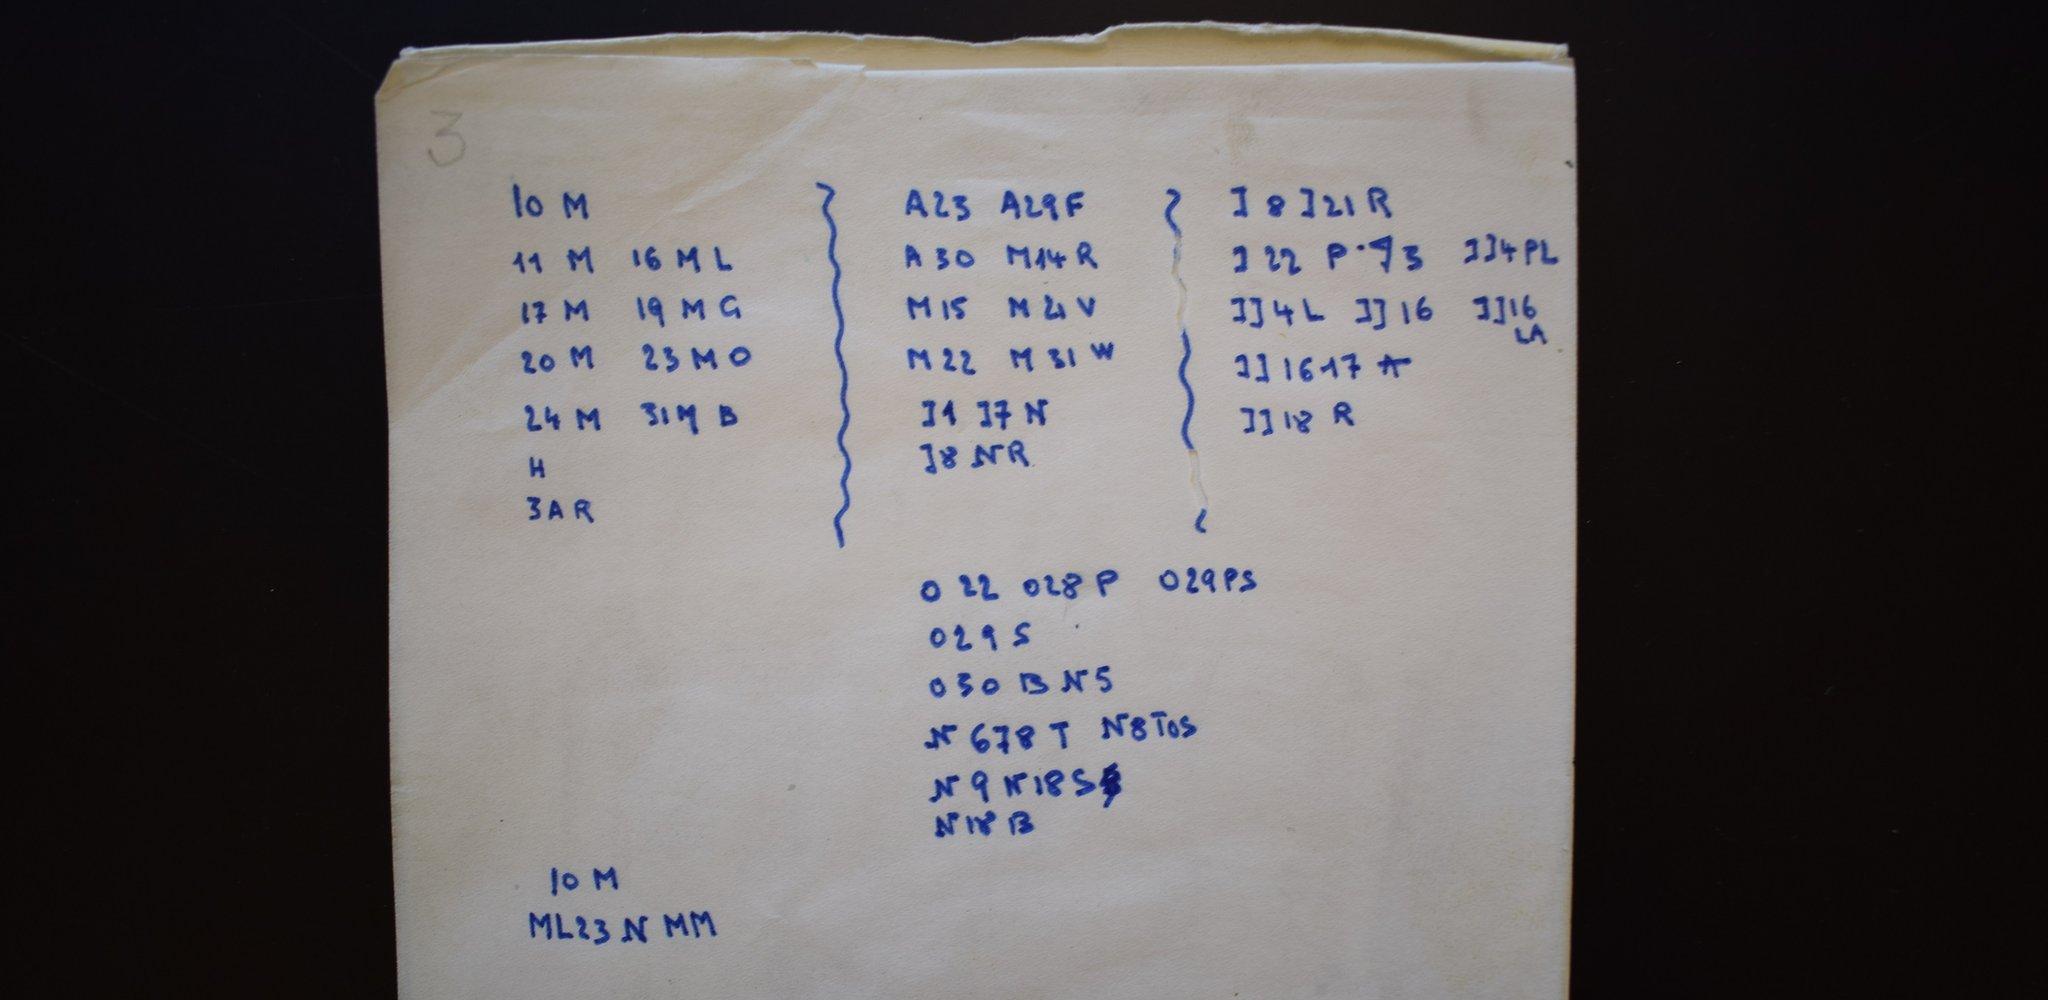 Foto del cuaderno de la mujer donde había un mensaje en código.